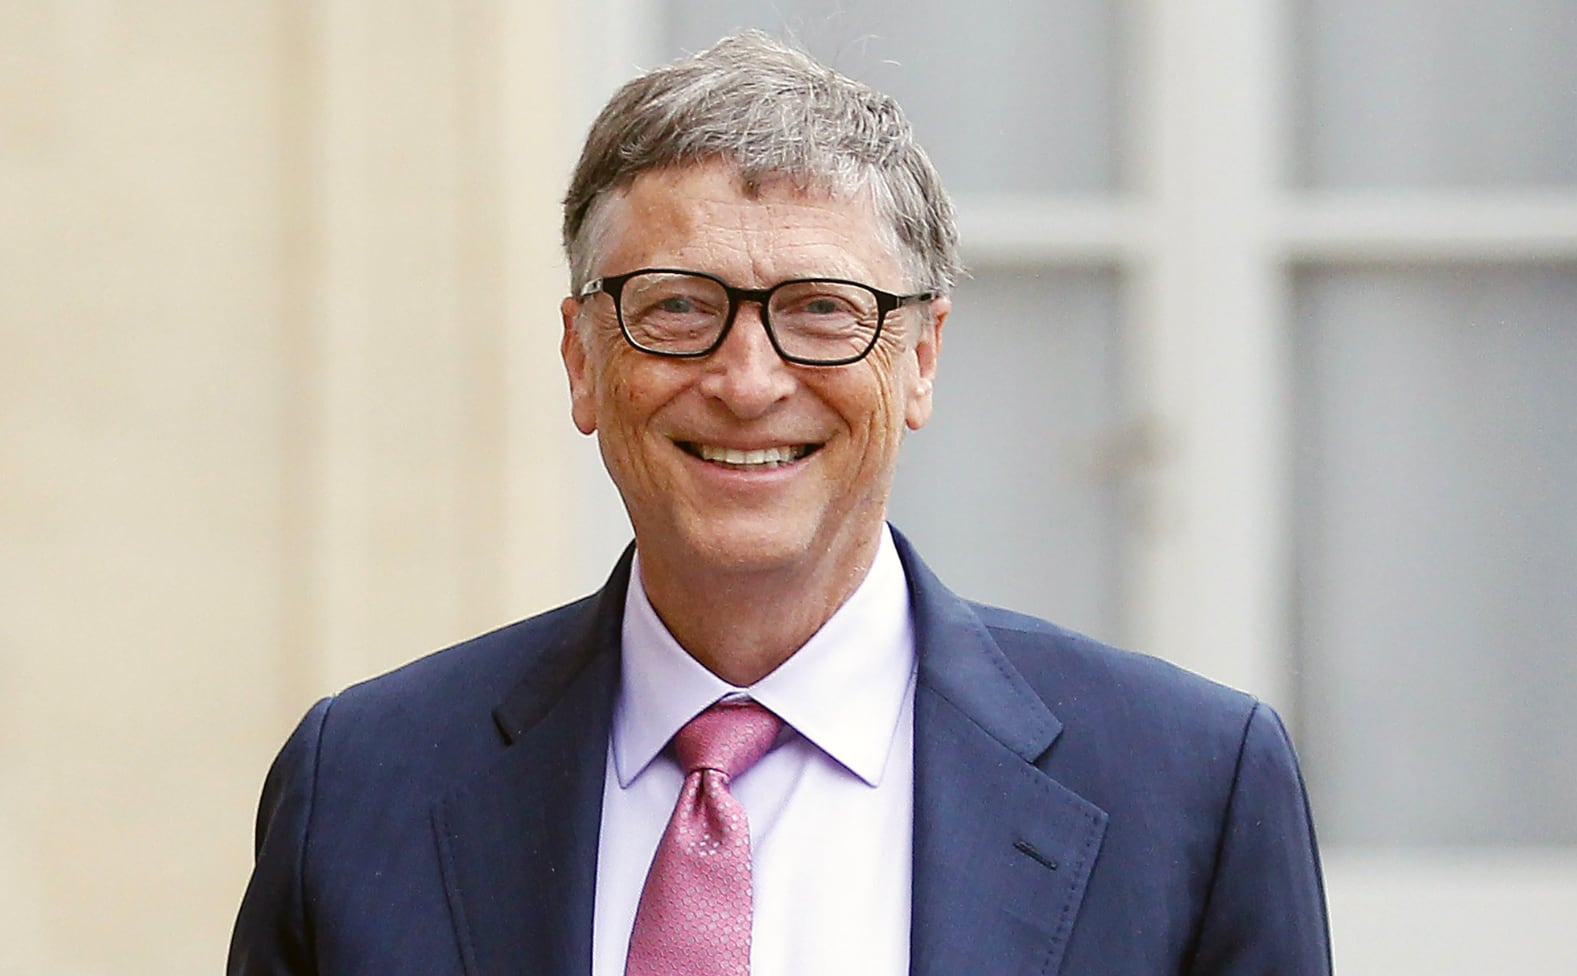 """Foto: Bill Gates, despre microcipuri: """"Este foarte dificil să negi acest lucru, deoarece este atât de stupid, sau ciudat"""""""